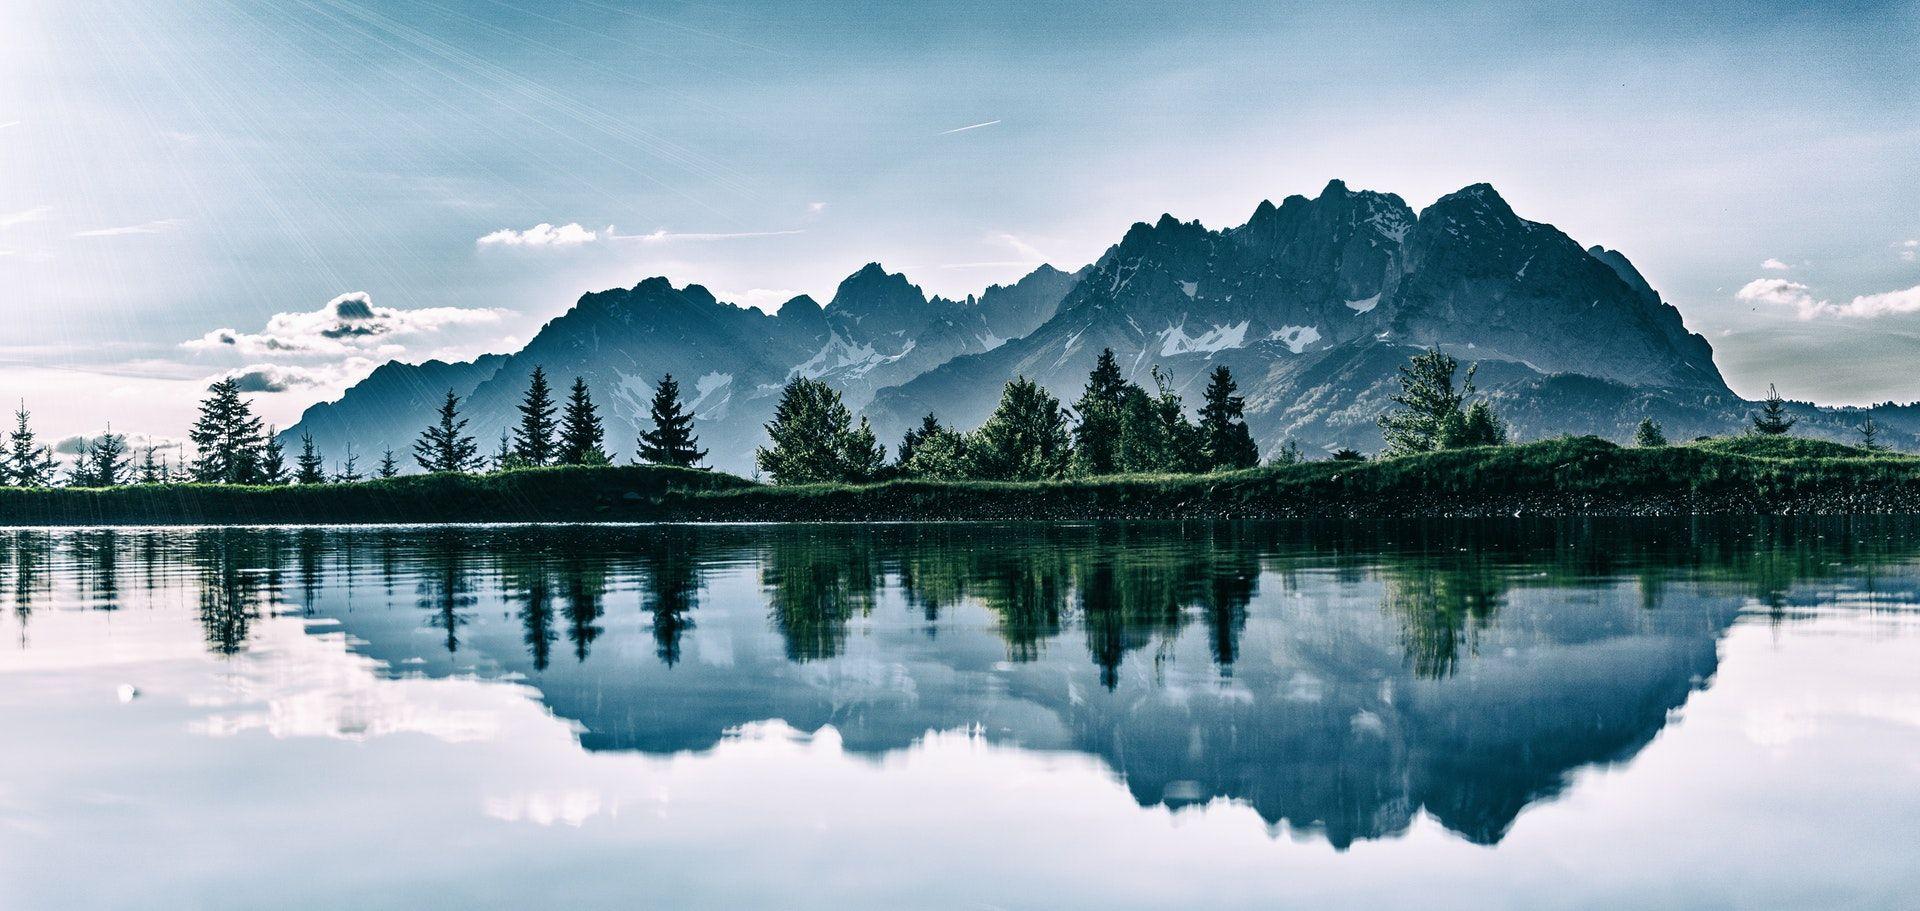 عکس زمینه دشت در قله پس زمینه